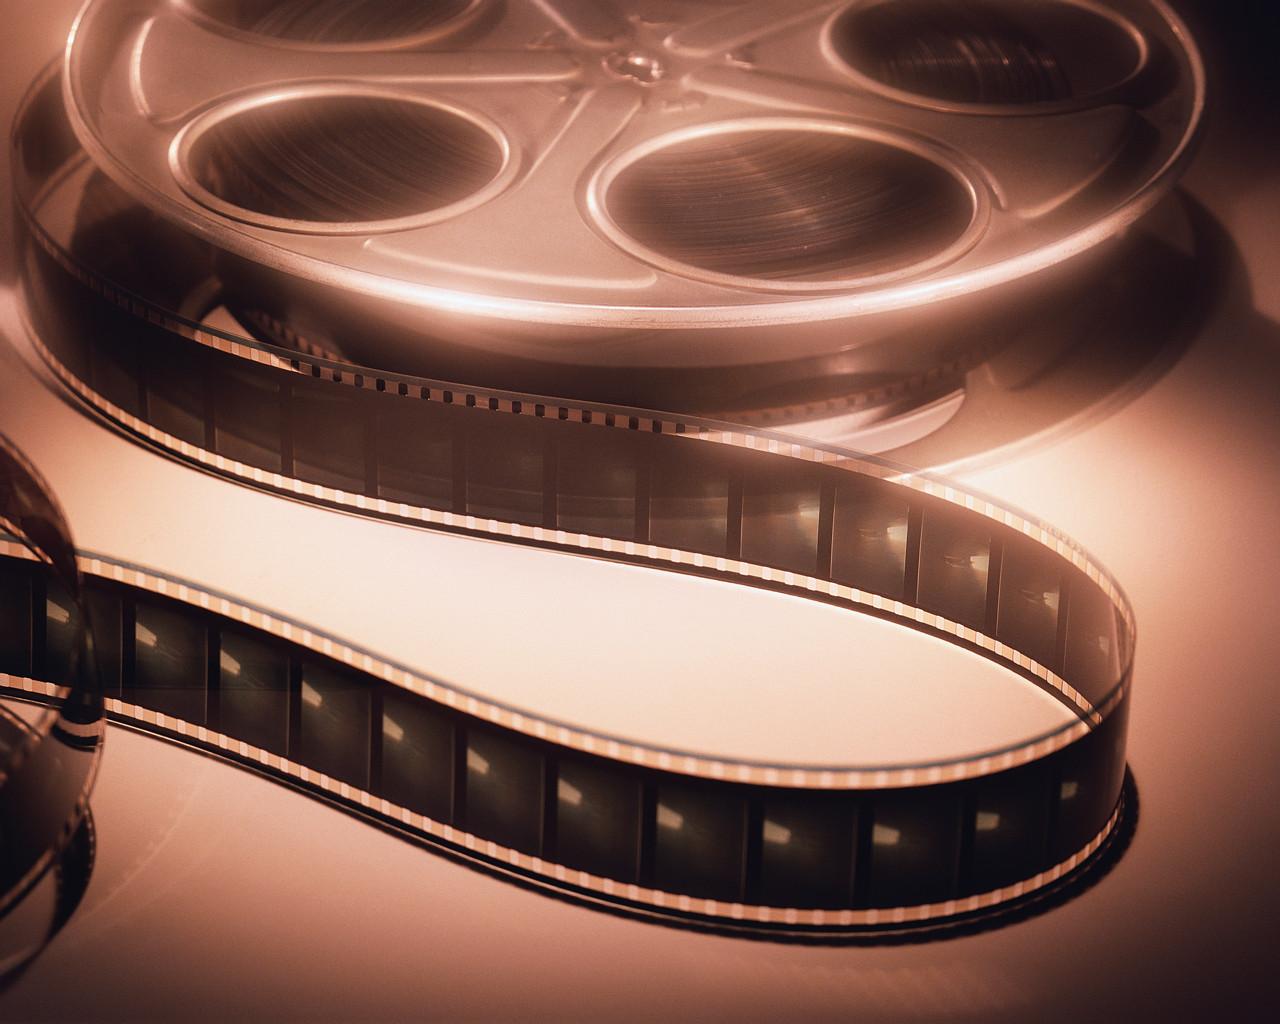 Рекомендую список полезных фильмов